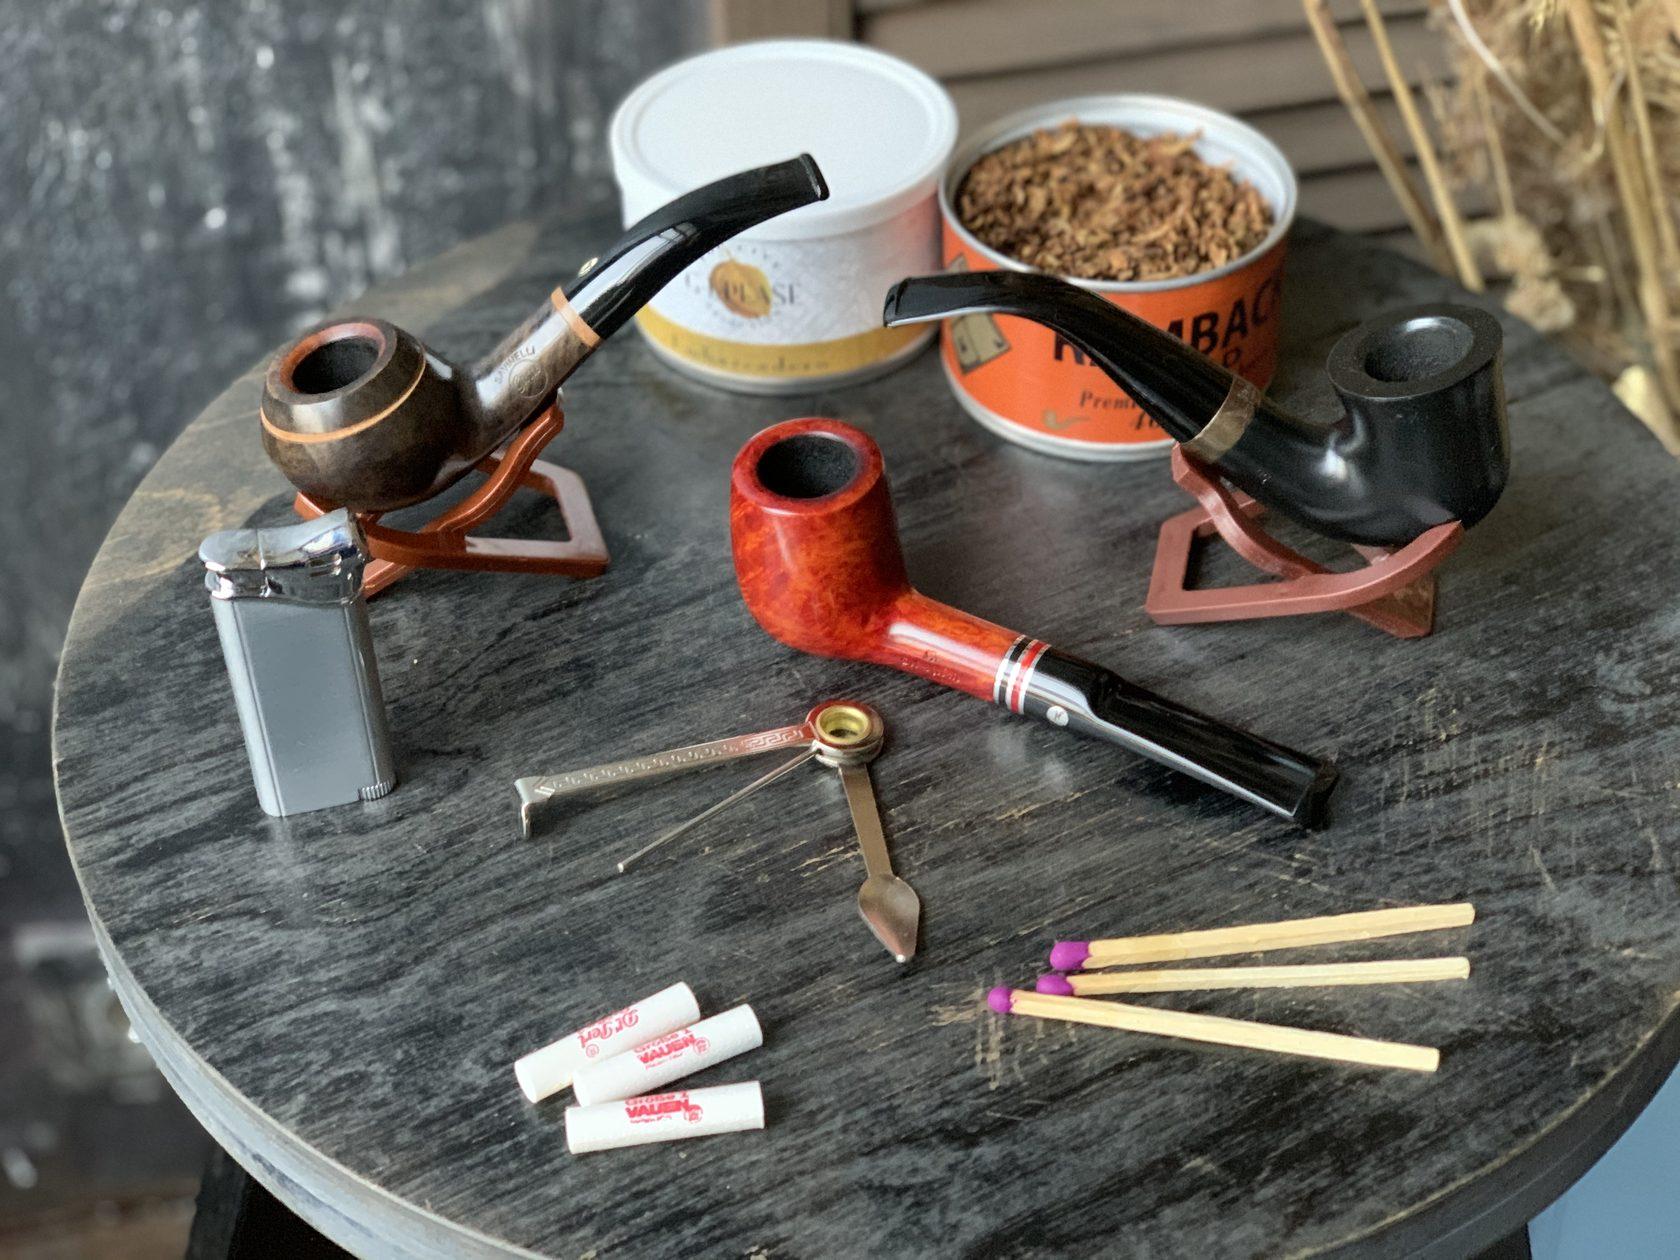 владельцев картинка с курительной трубкой можно